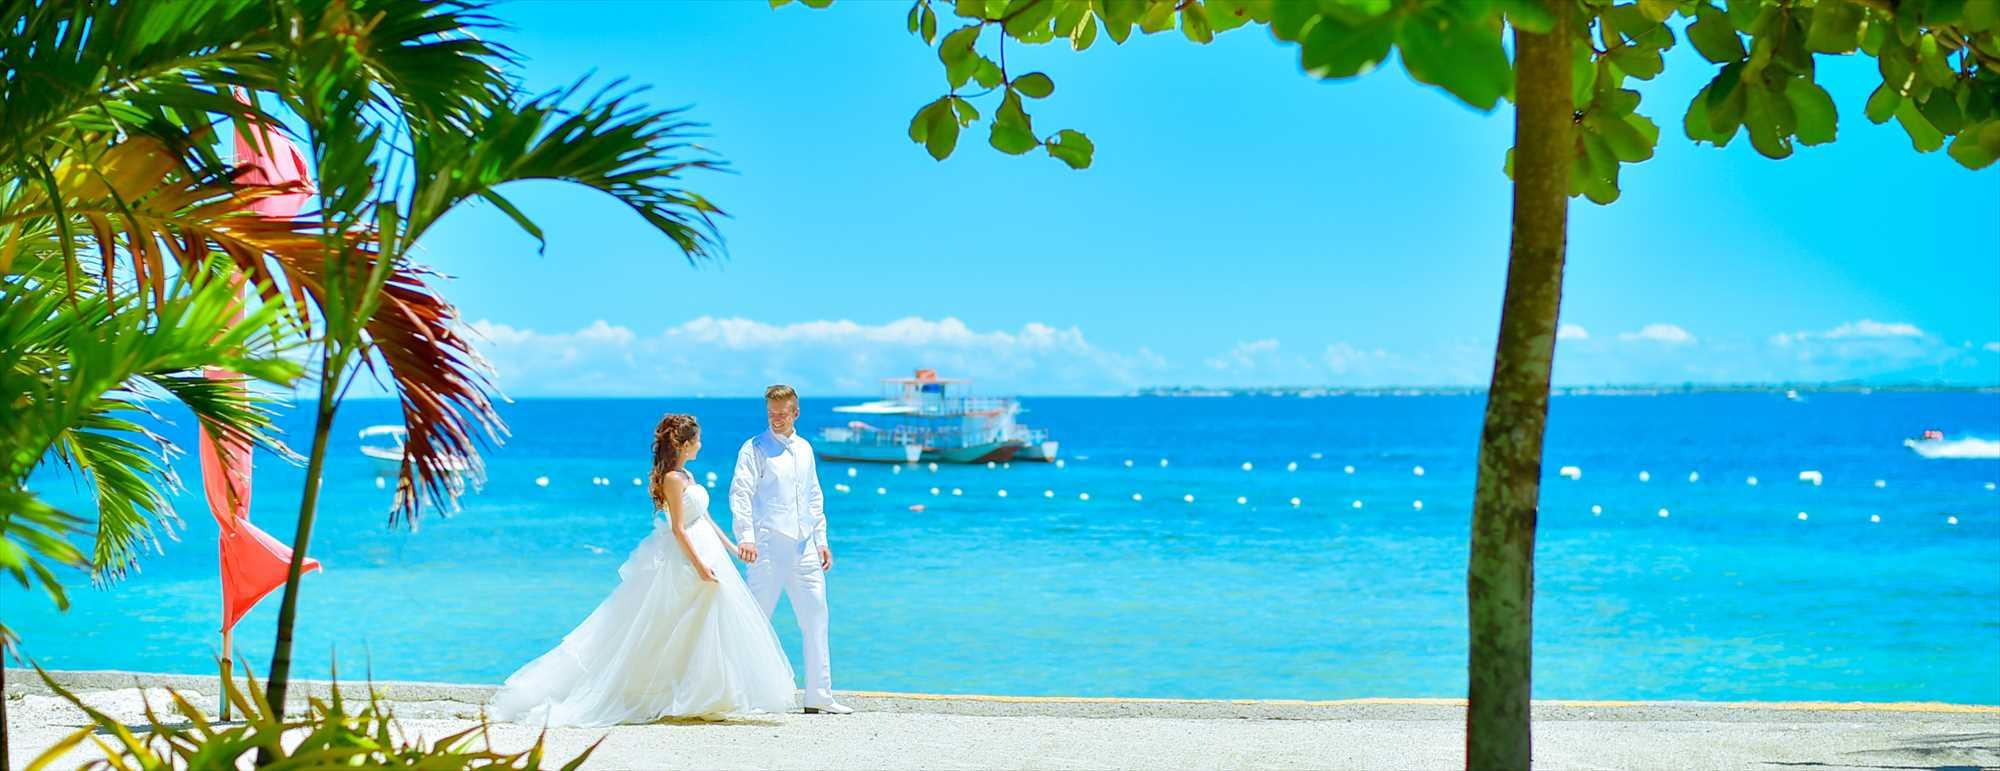 セブ島ビーチ・ウェディング・フォトJ Park Isaland Resort&Waterpark Cebu Wedding~ジェイ・パーク・アイランド・リゾート挙式